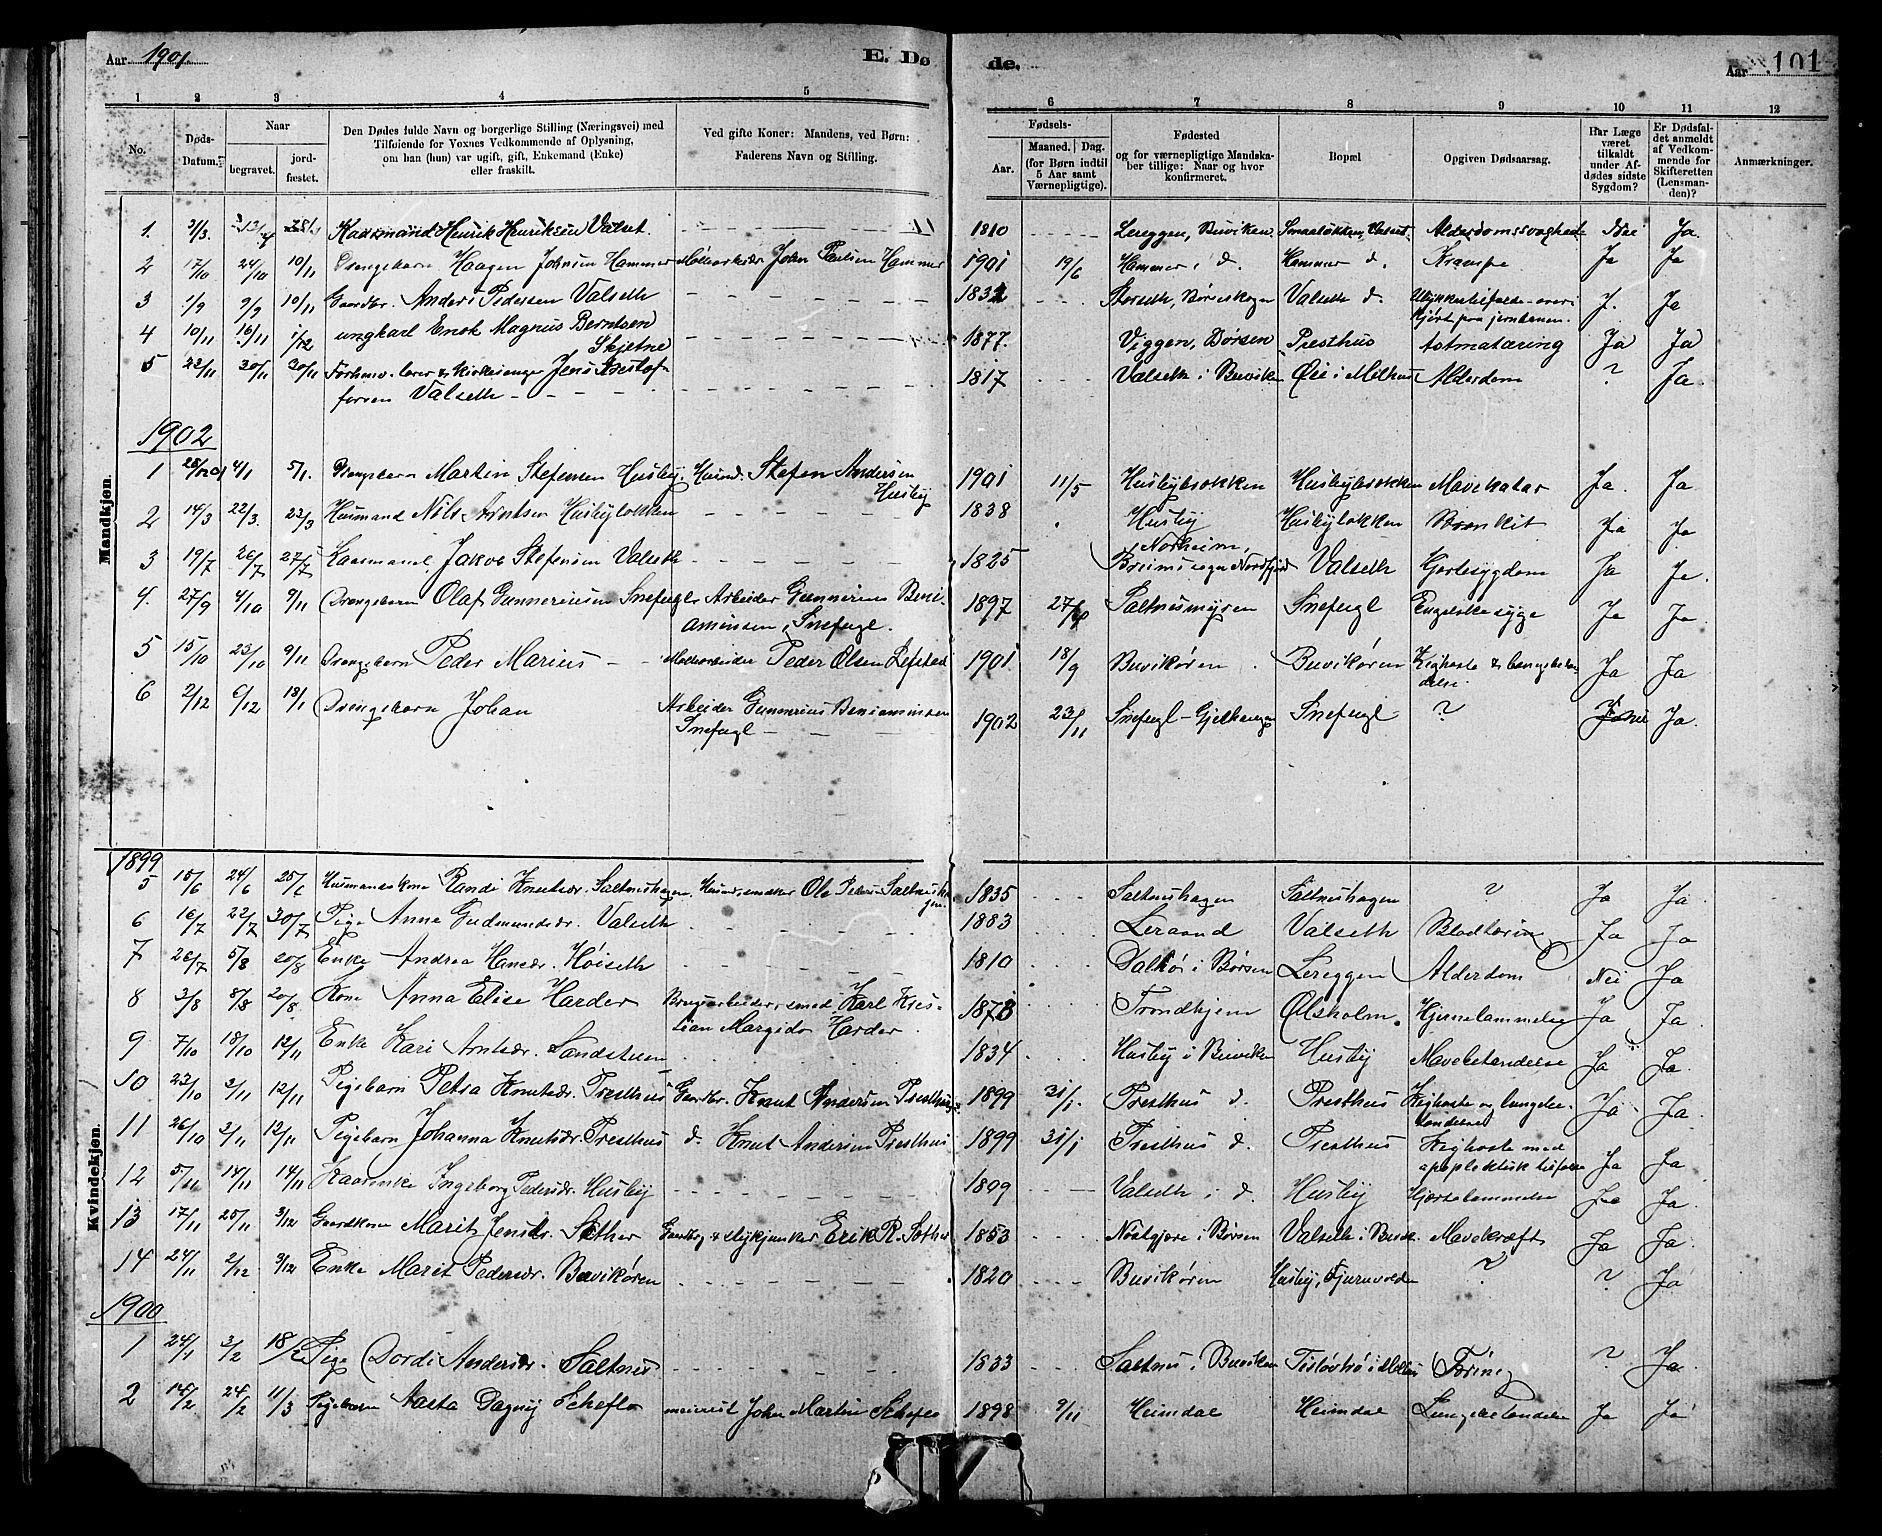 SAT, Ministerialprotokoller, klokkerbøker og fødselsregistre - Sør-Trøndelag, 666/L0790: Klokkerbok nr. 666C03, 1885-1908, s. 101